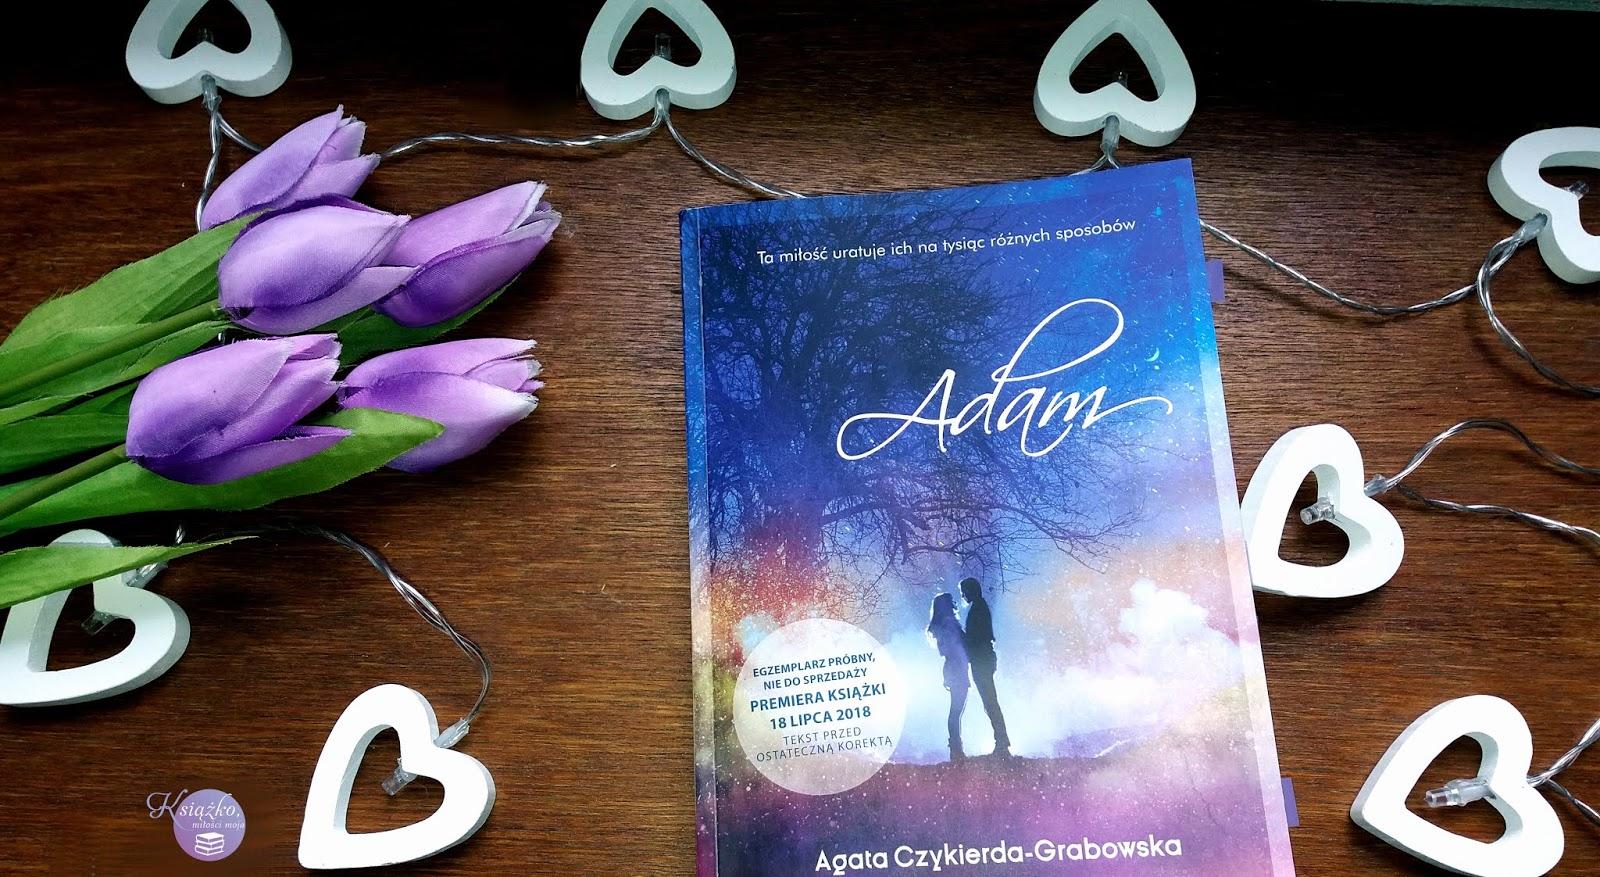 Adam Agata Czykierda - Grabowska [Recenzja premierowa]